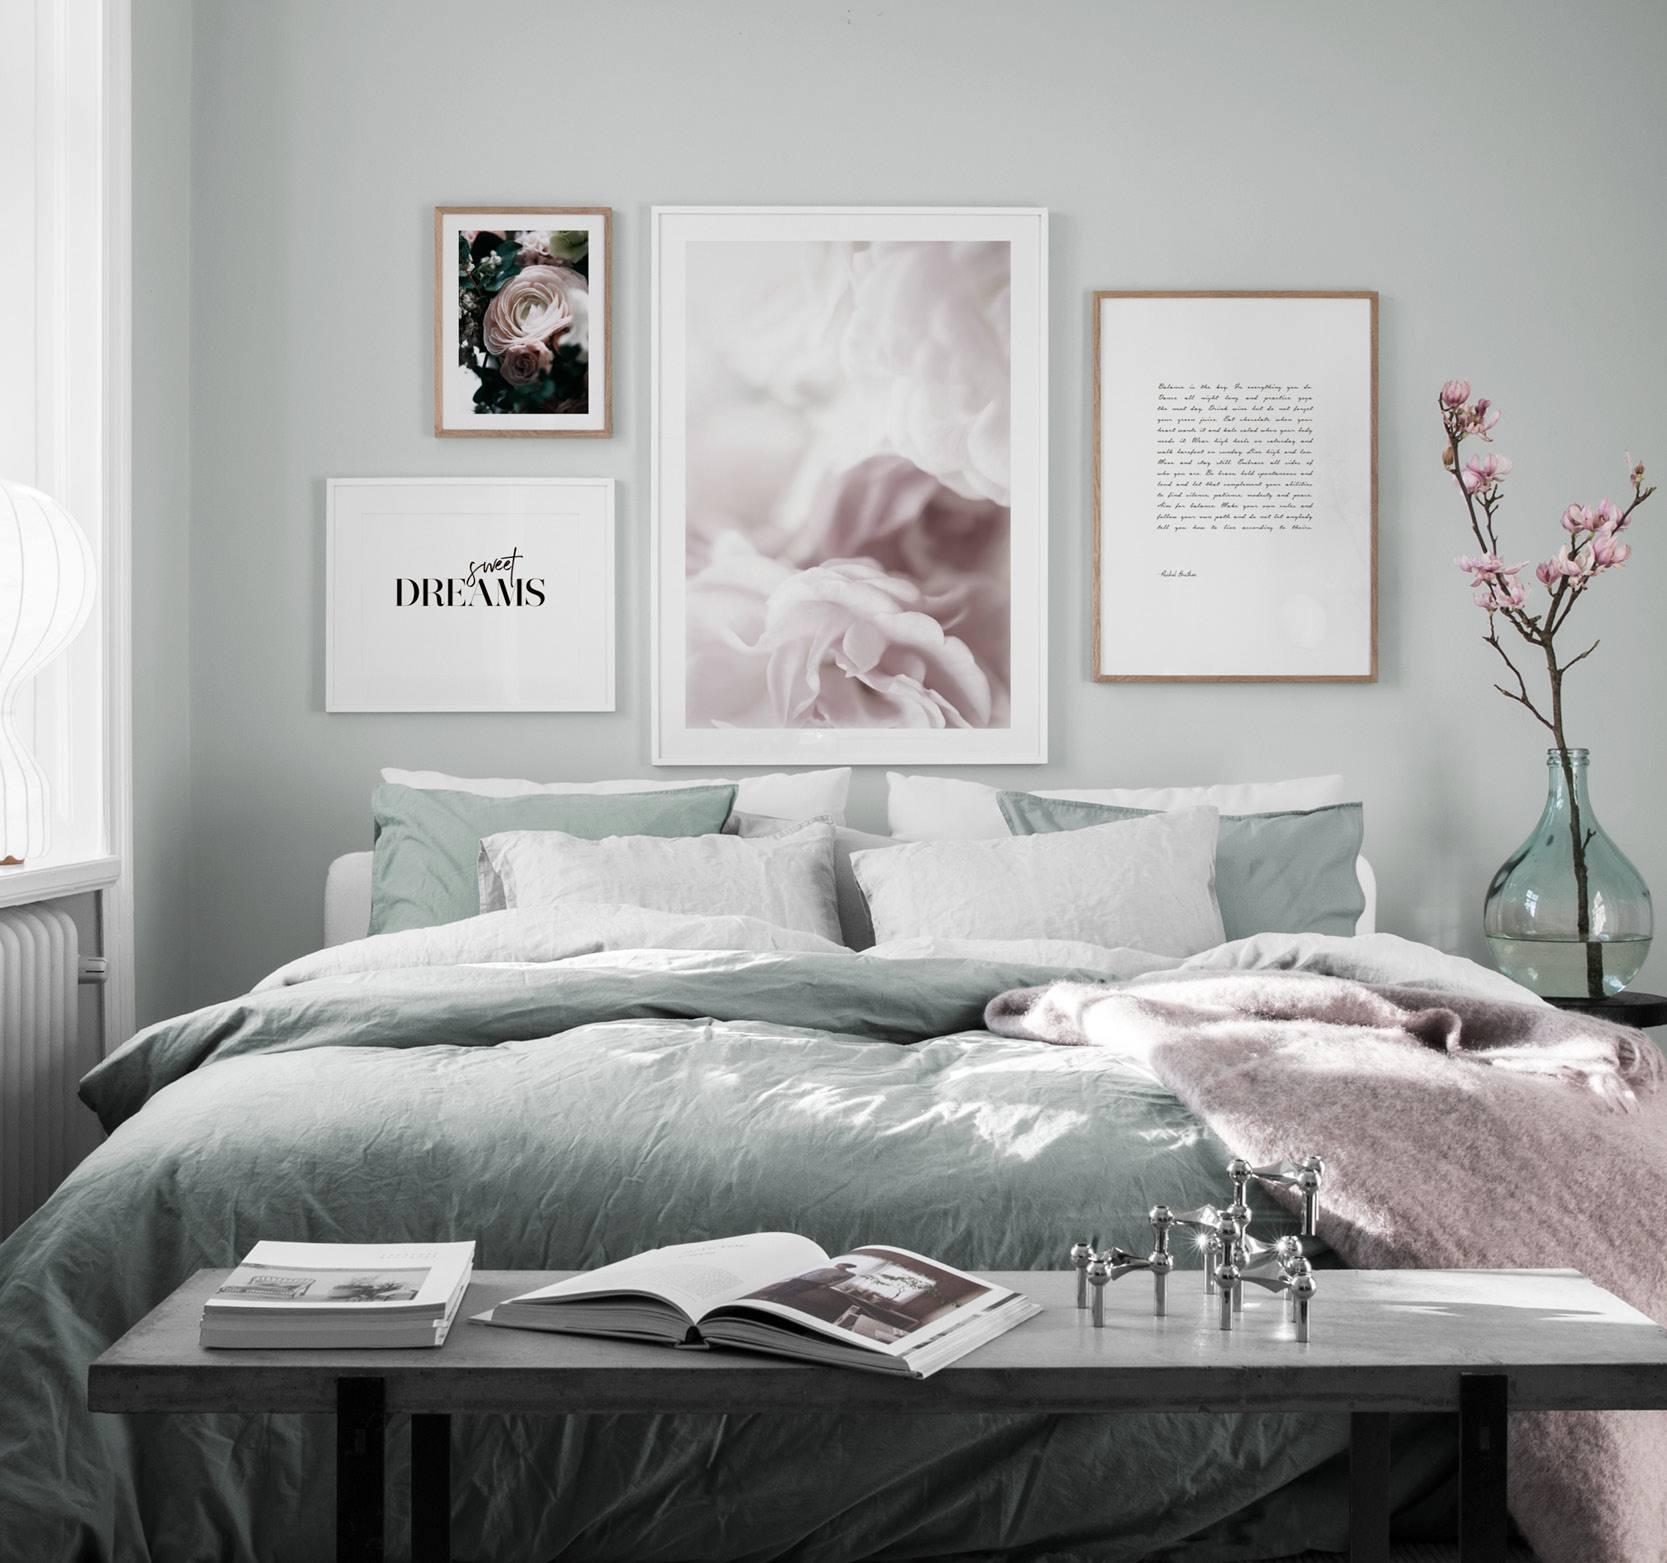 design inspiration und poster bilderwand im schlafzimmer desenio. Black Bedroom Furniture Sets. Home Design Ideas